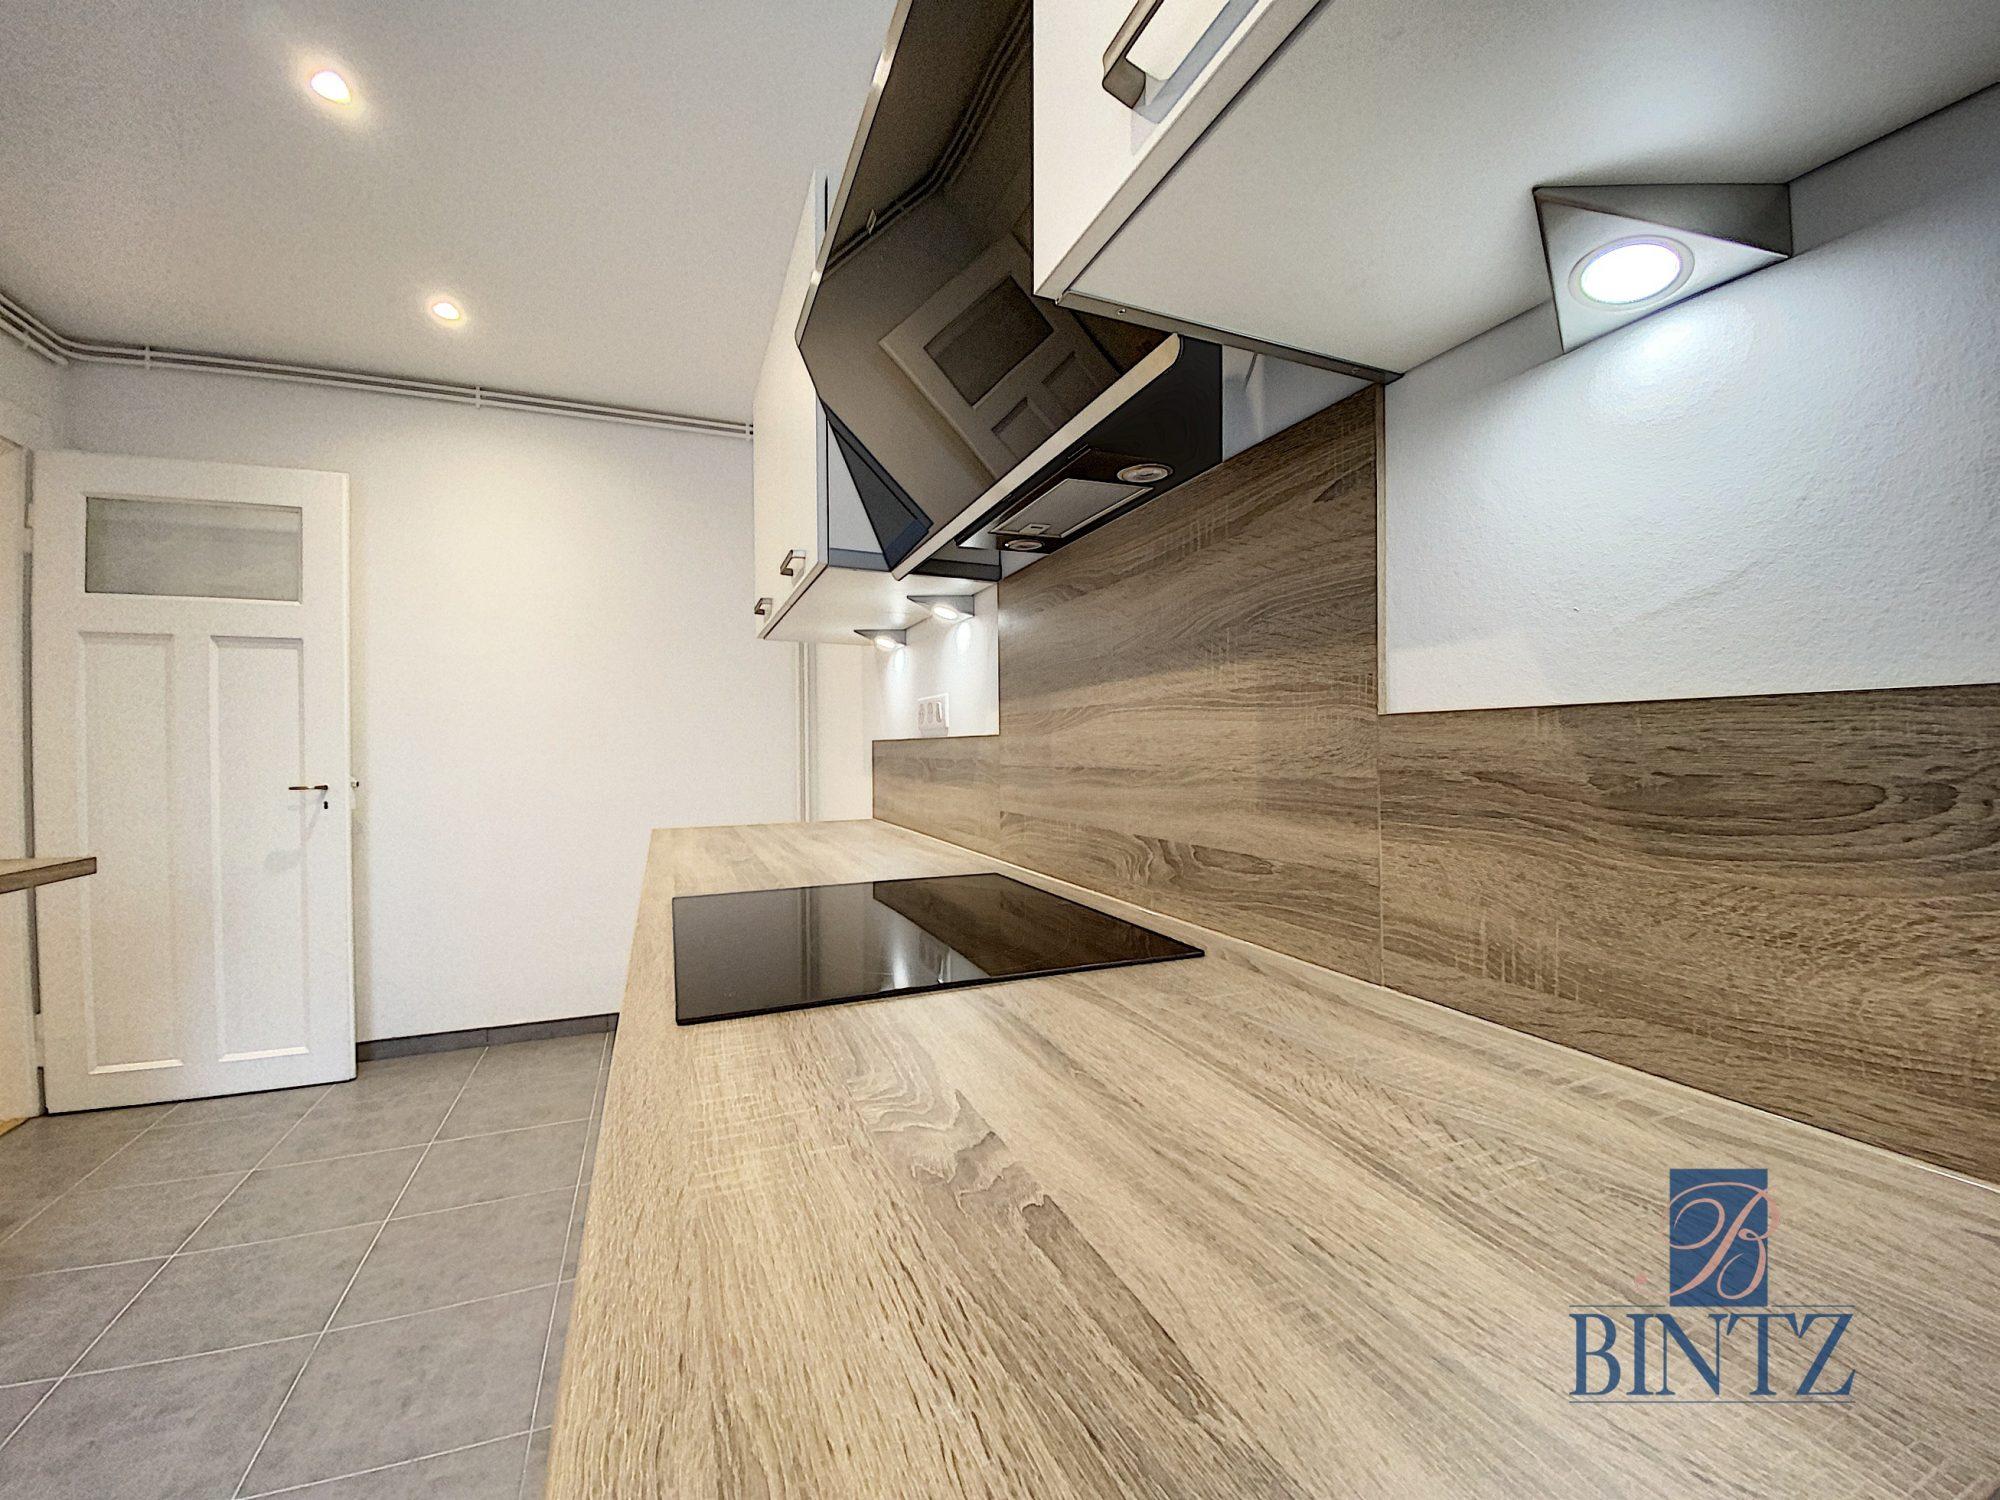 Appartement 3 pièces 69m2 dans le quartier des XV - Devenez propriétaire en toute confiance - Bintz Immobilier - 4